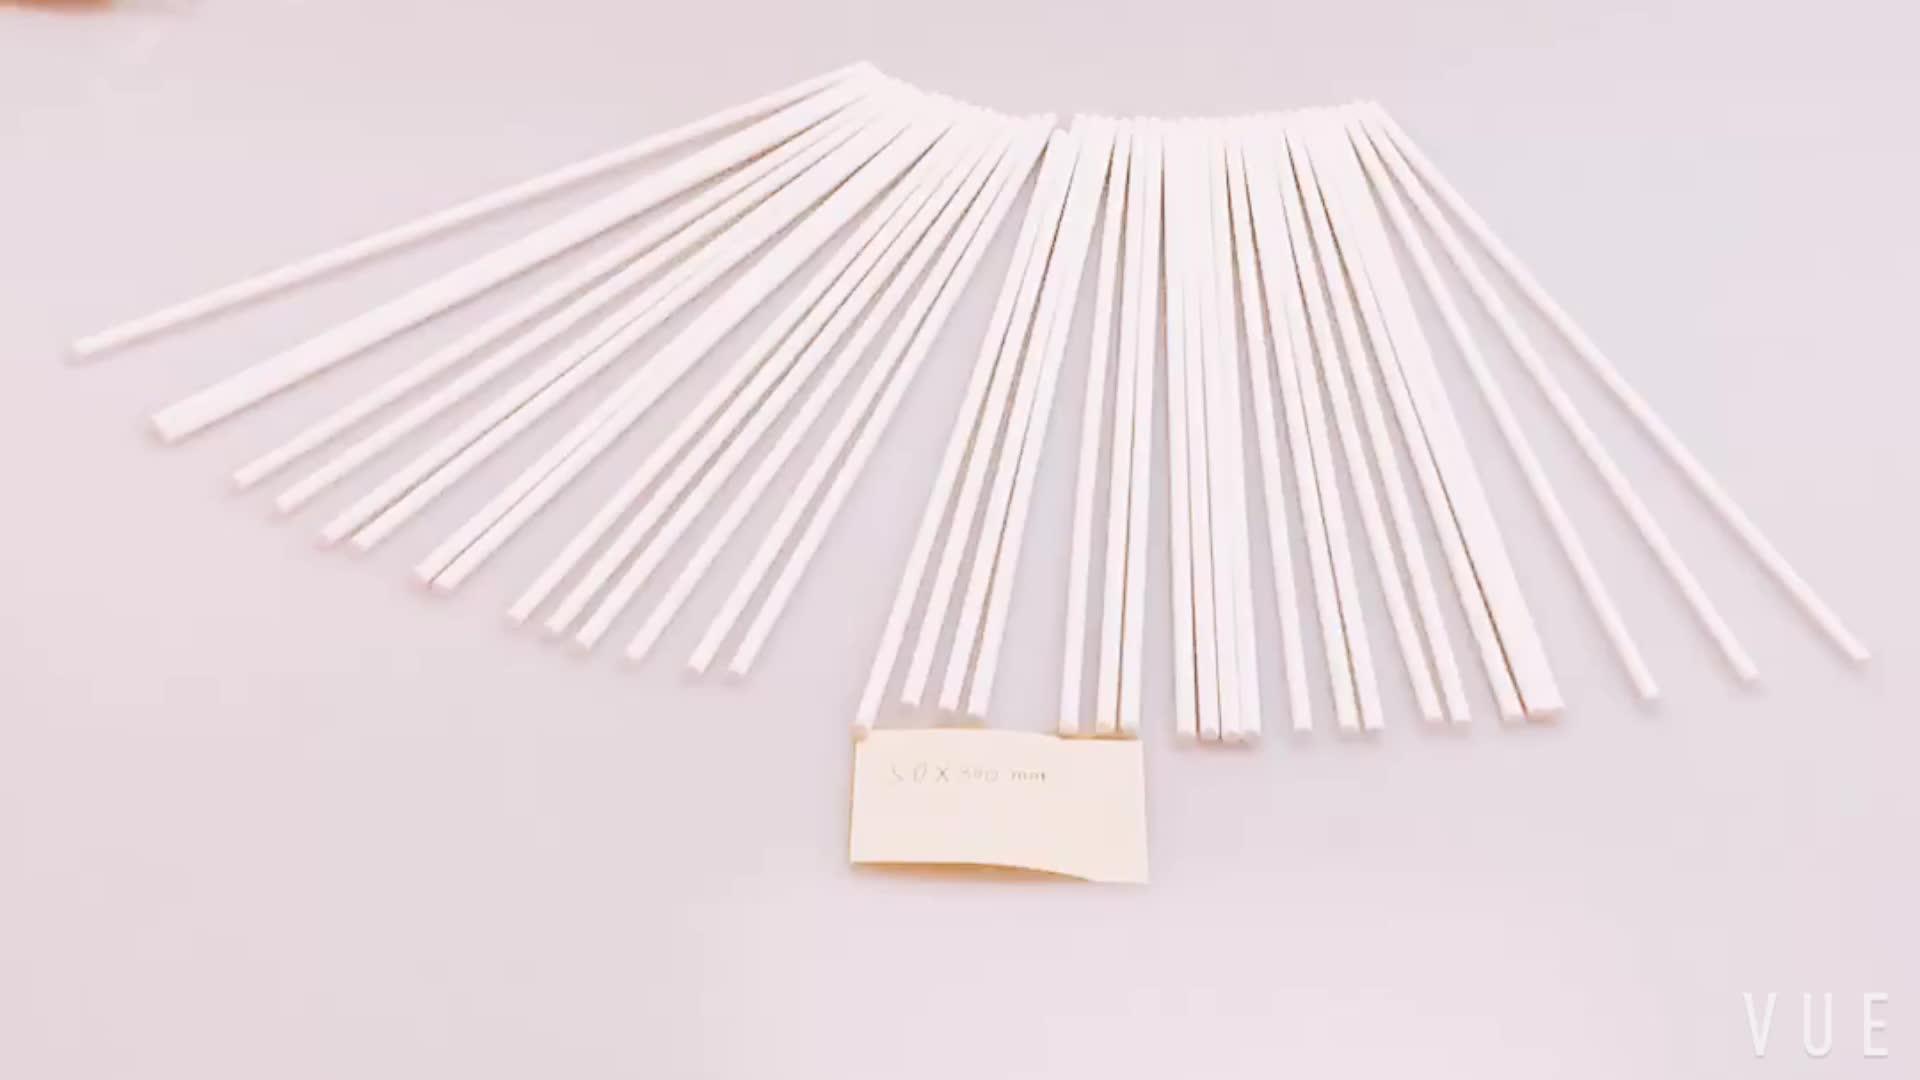 Customized lollipop stick clear colored paper lollipop sticks